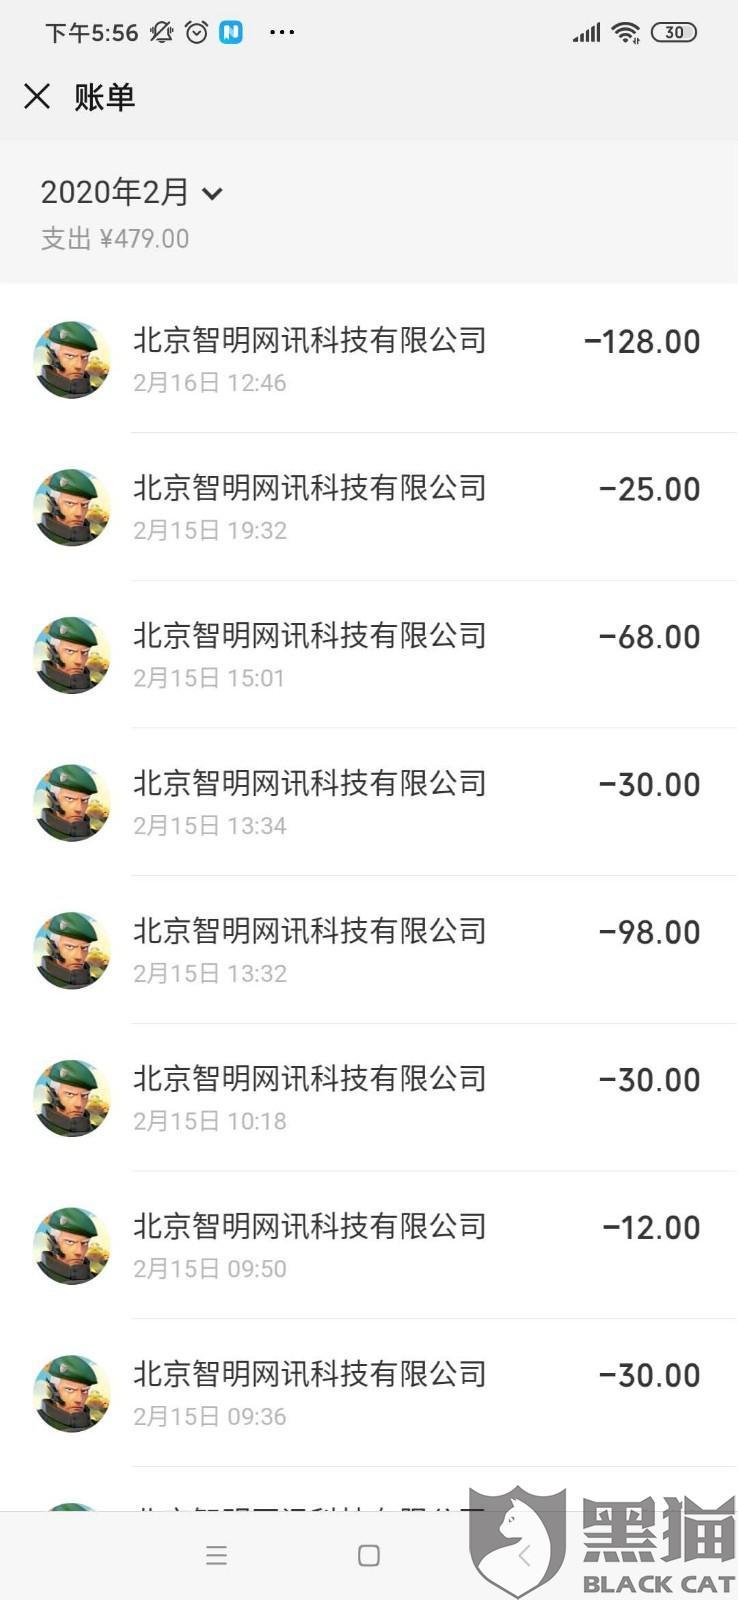 黑猫投诉:北京智明网讯科技有限公司的游戏《战地红警》,未成年人误充值消费